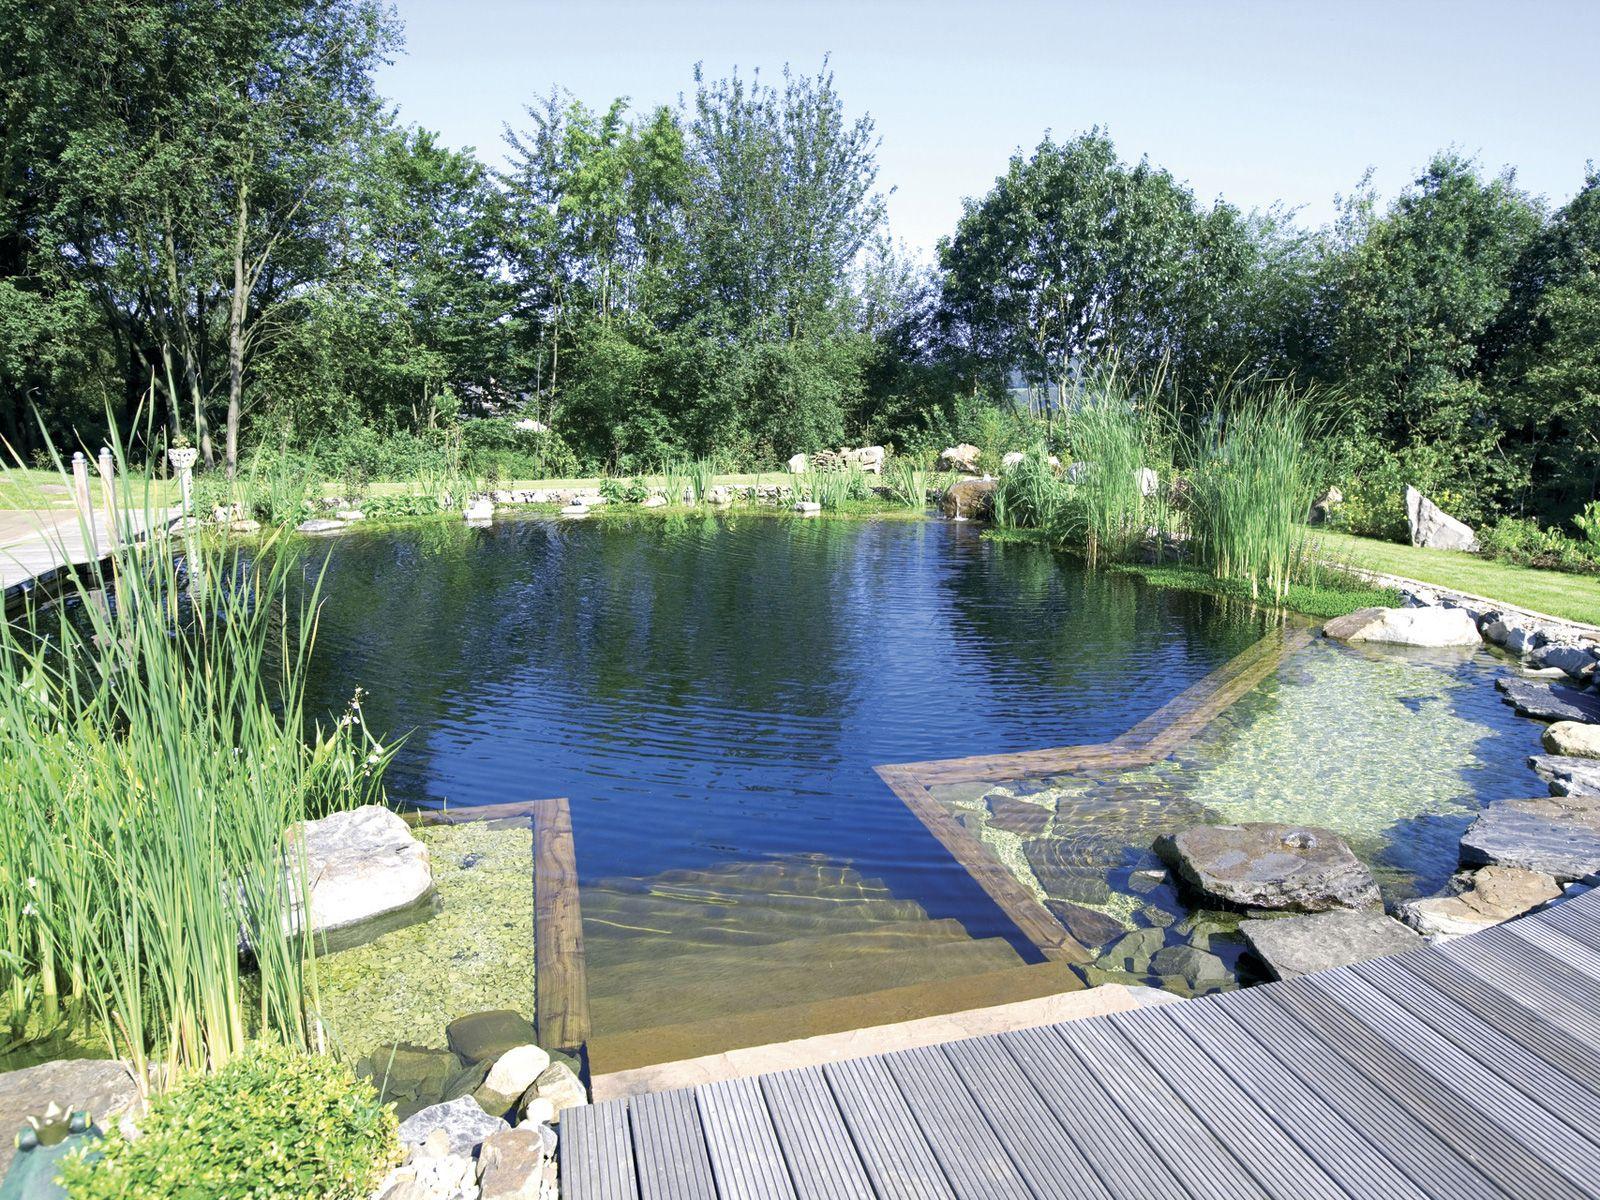 Schwimmteich natural pool natural pool schwimmteich pool ideen natur pool und teich - Poolanlagen im garten ...